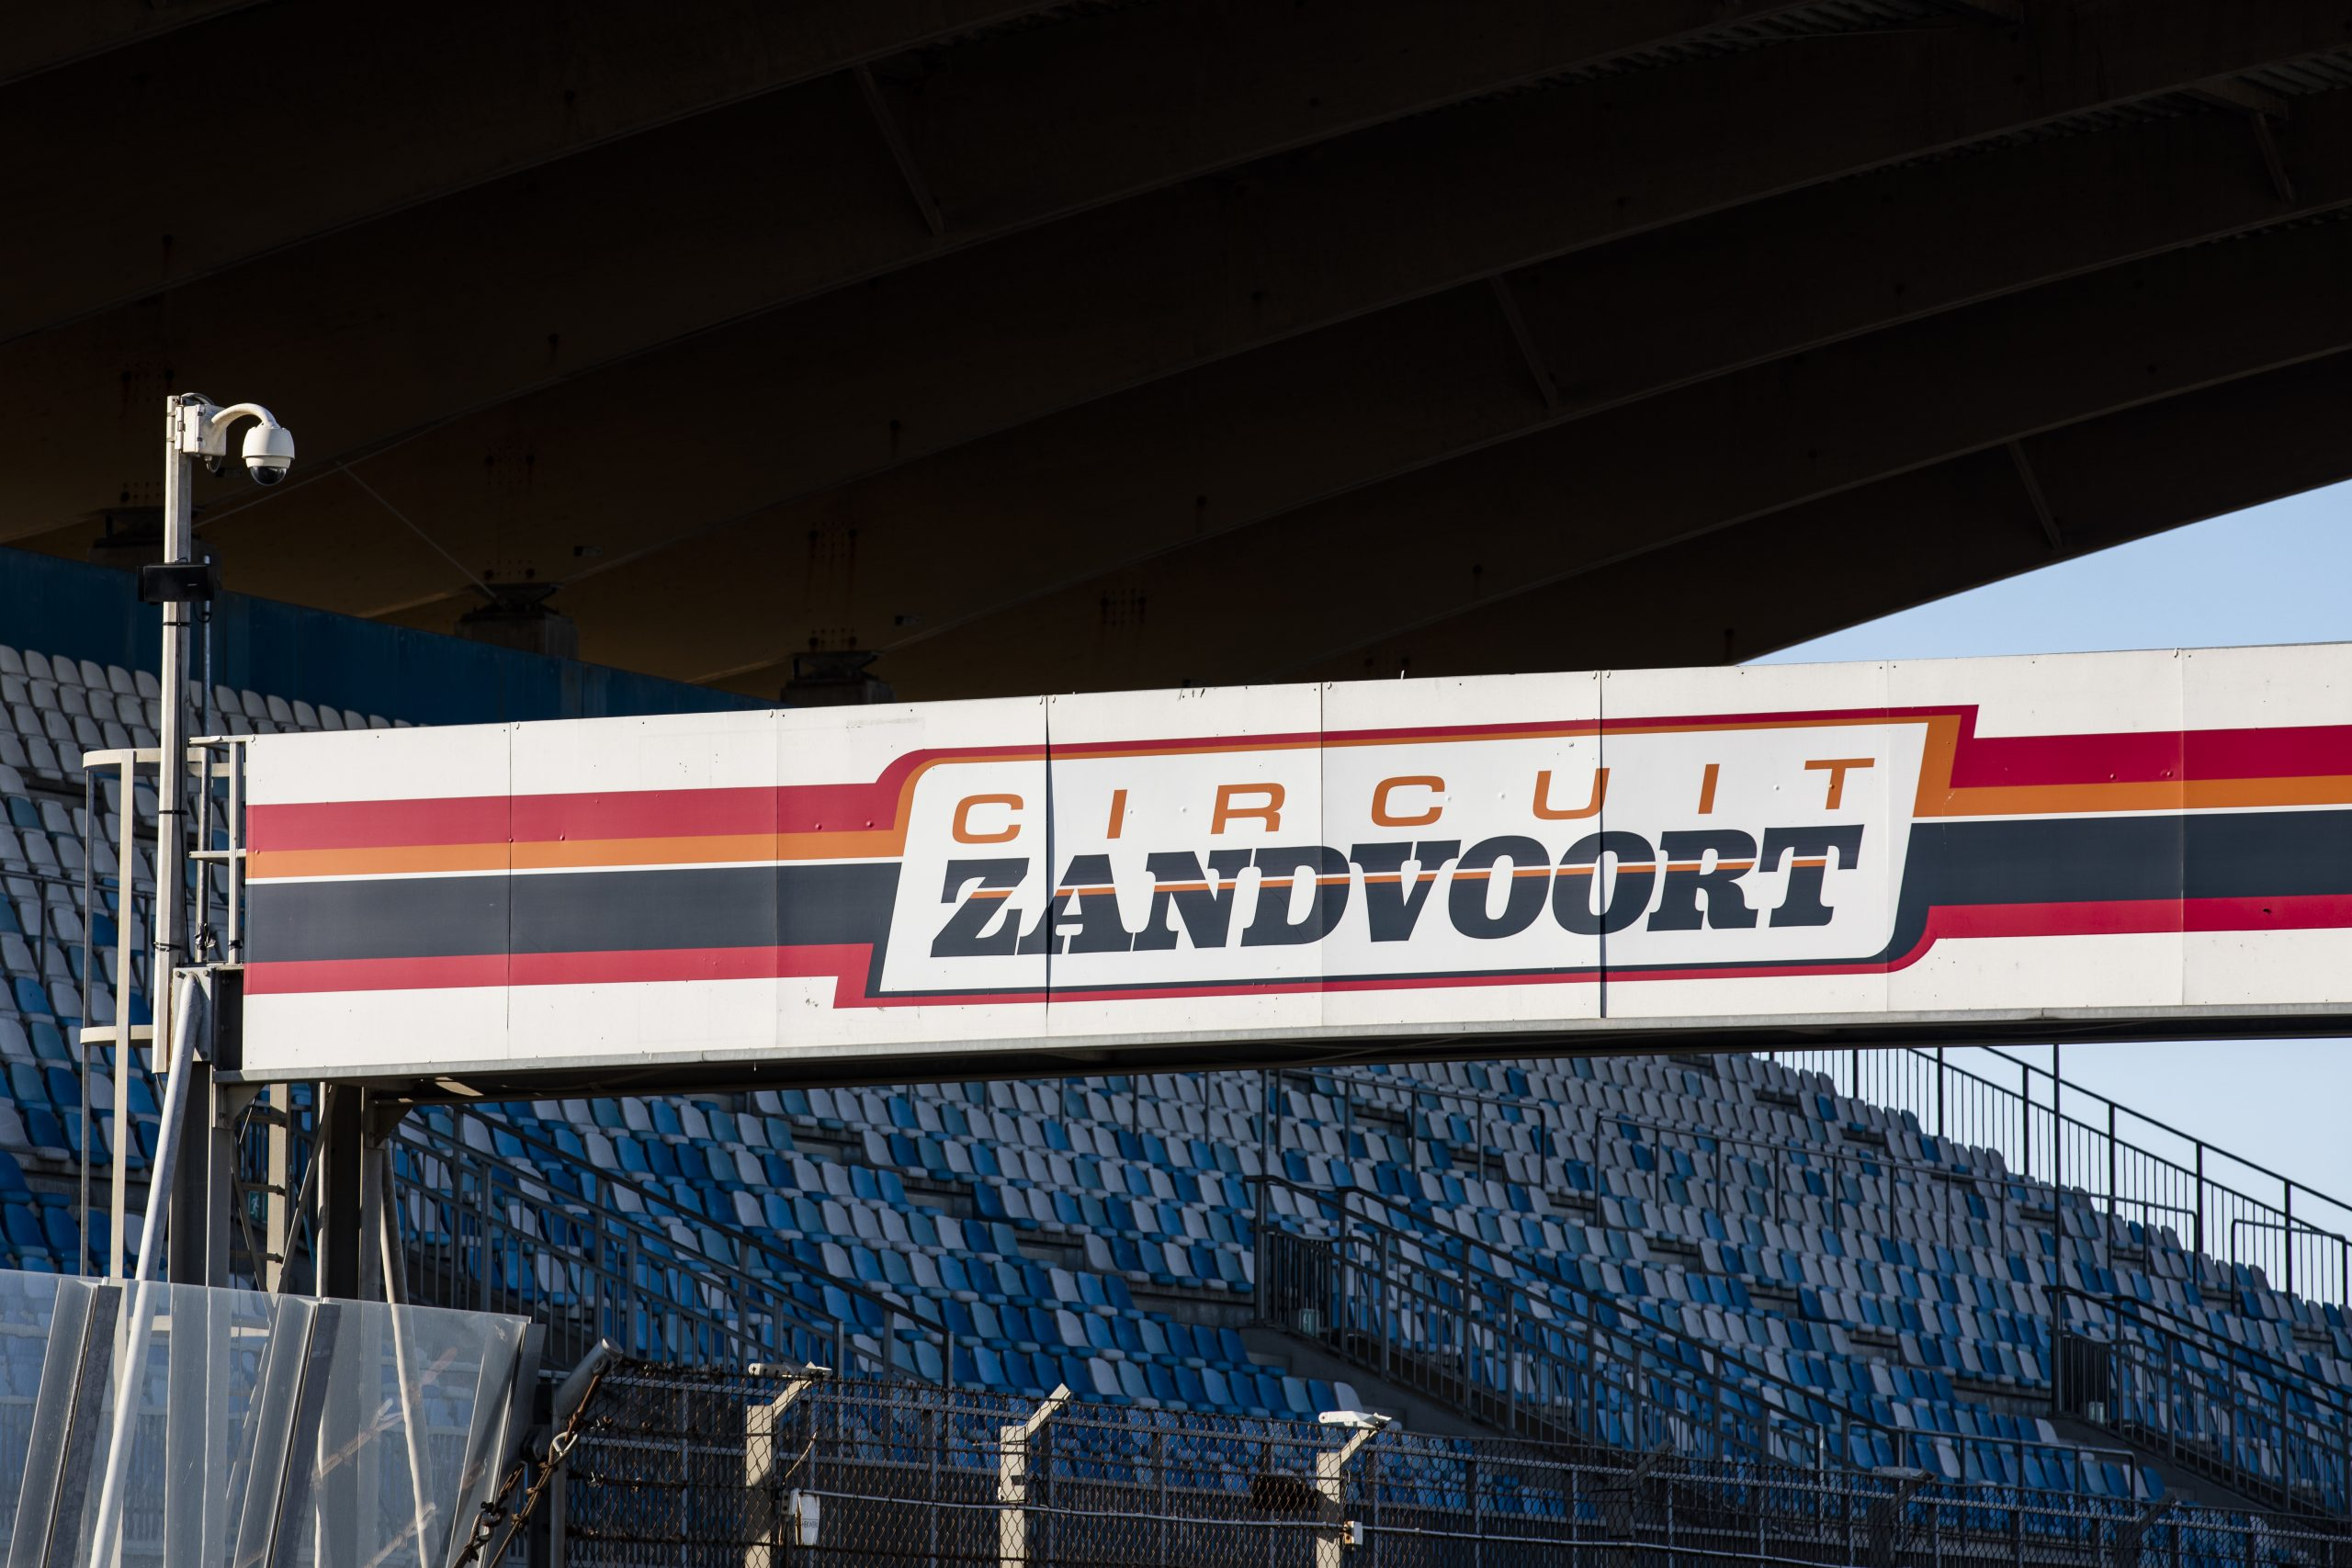 Nieuwe naam van Circuit Zandvoort